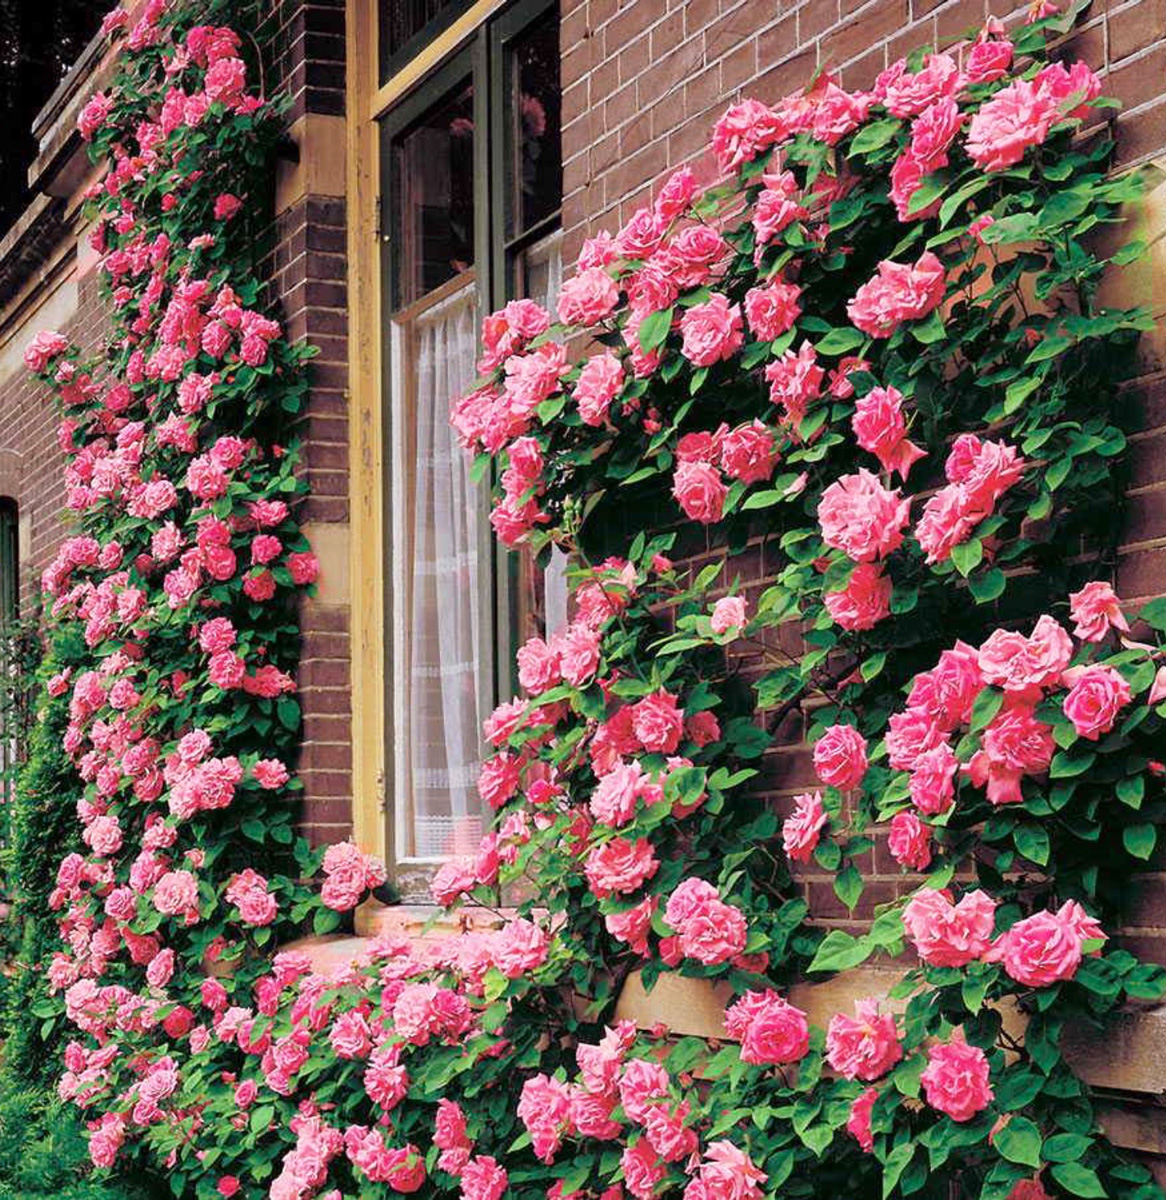 Rose paghera collezioni uniche per giardini da sogno - Giardino con rose ...